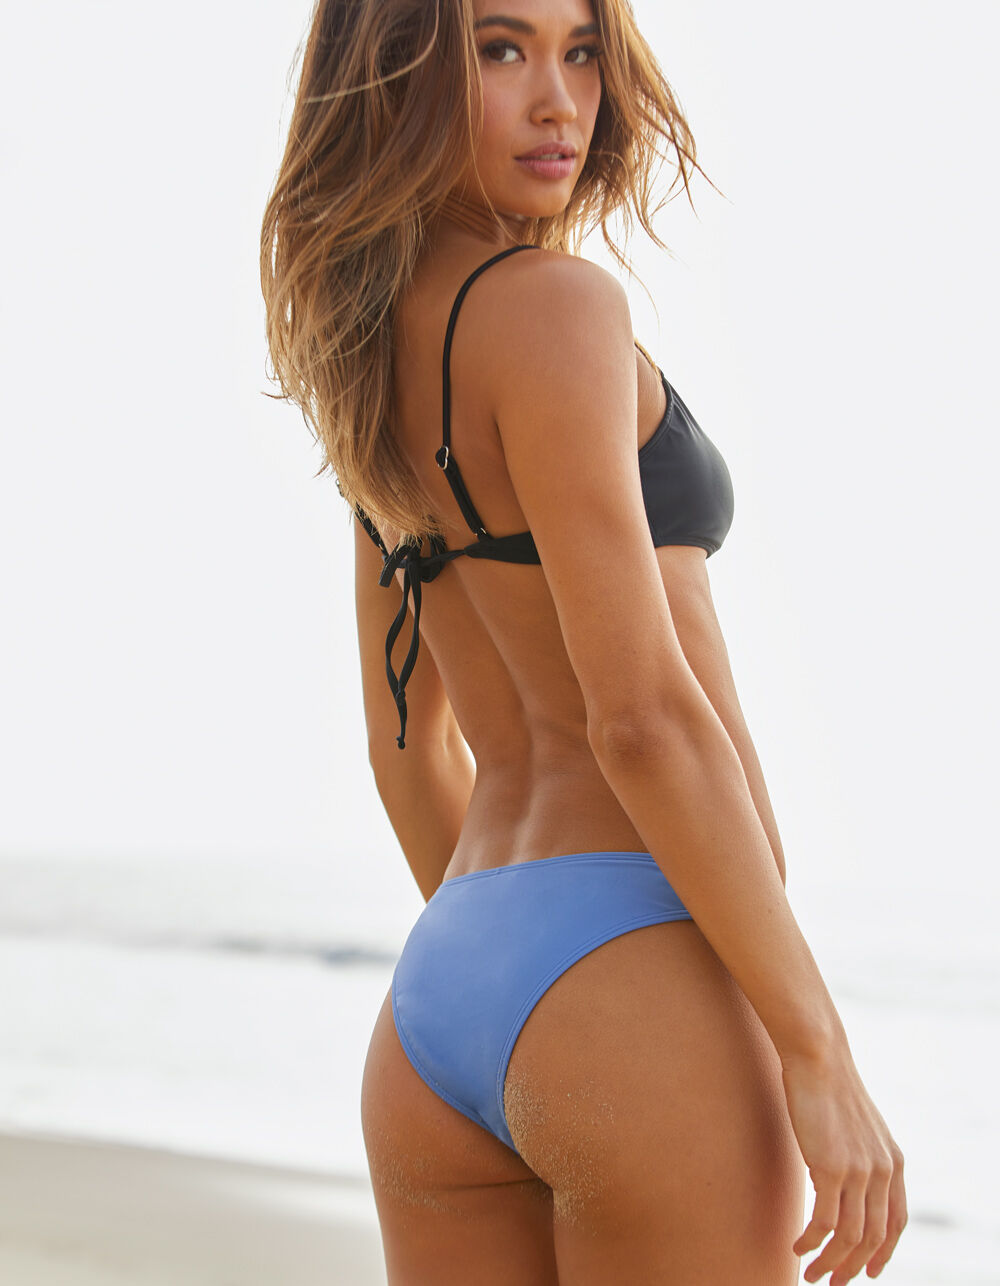 FULL TILT Skimpy Sky Blue Bikini Bottoms